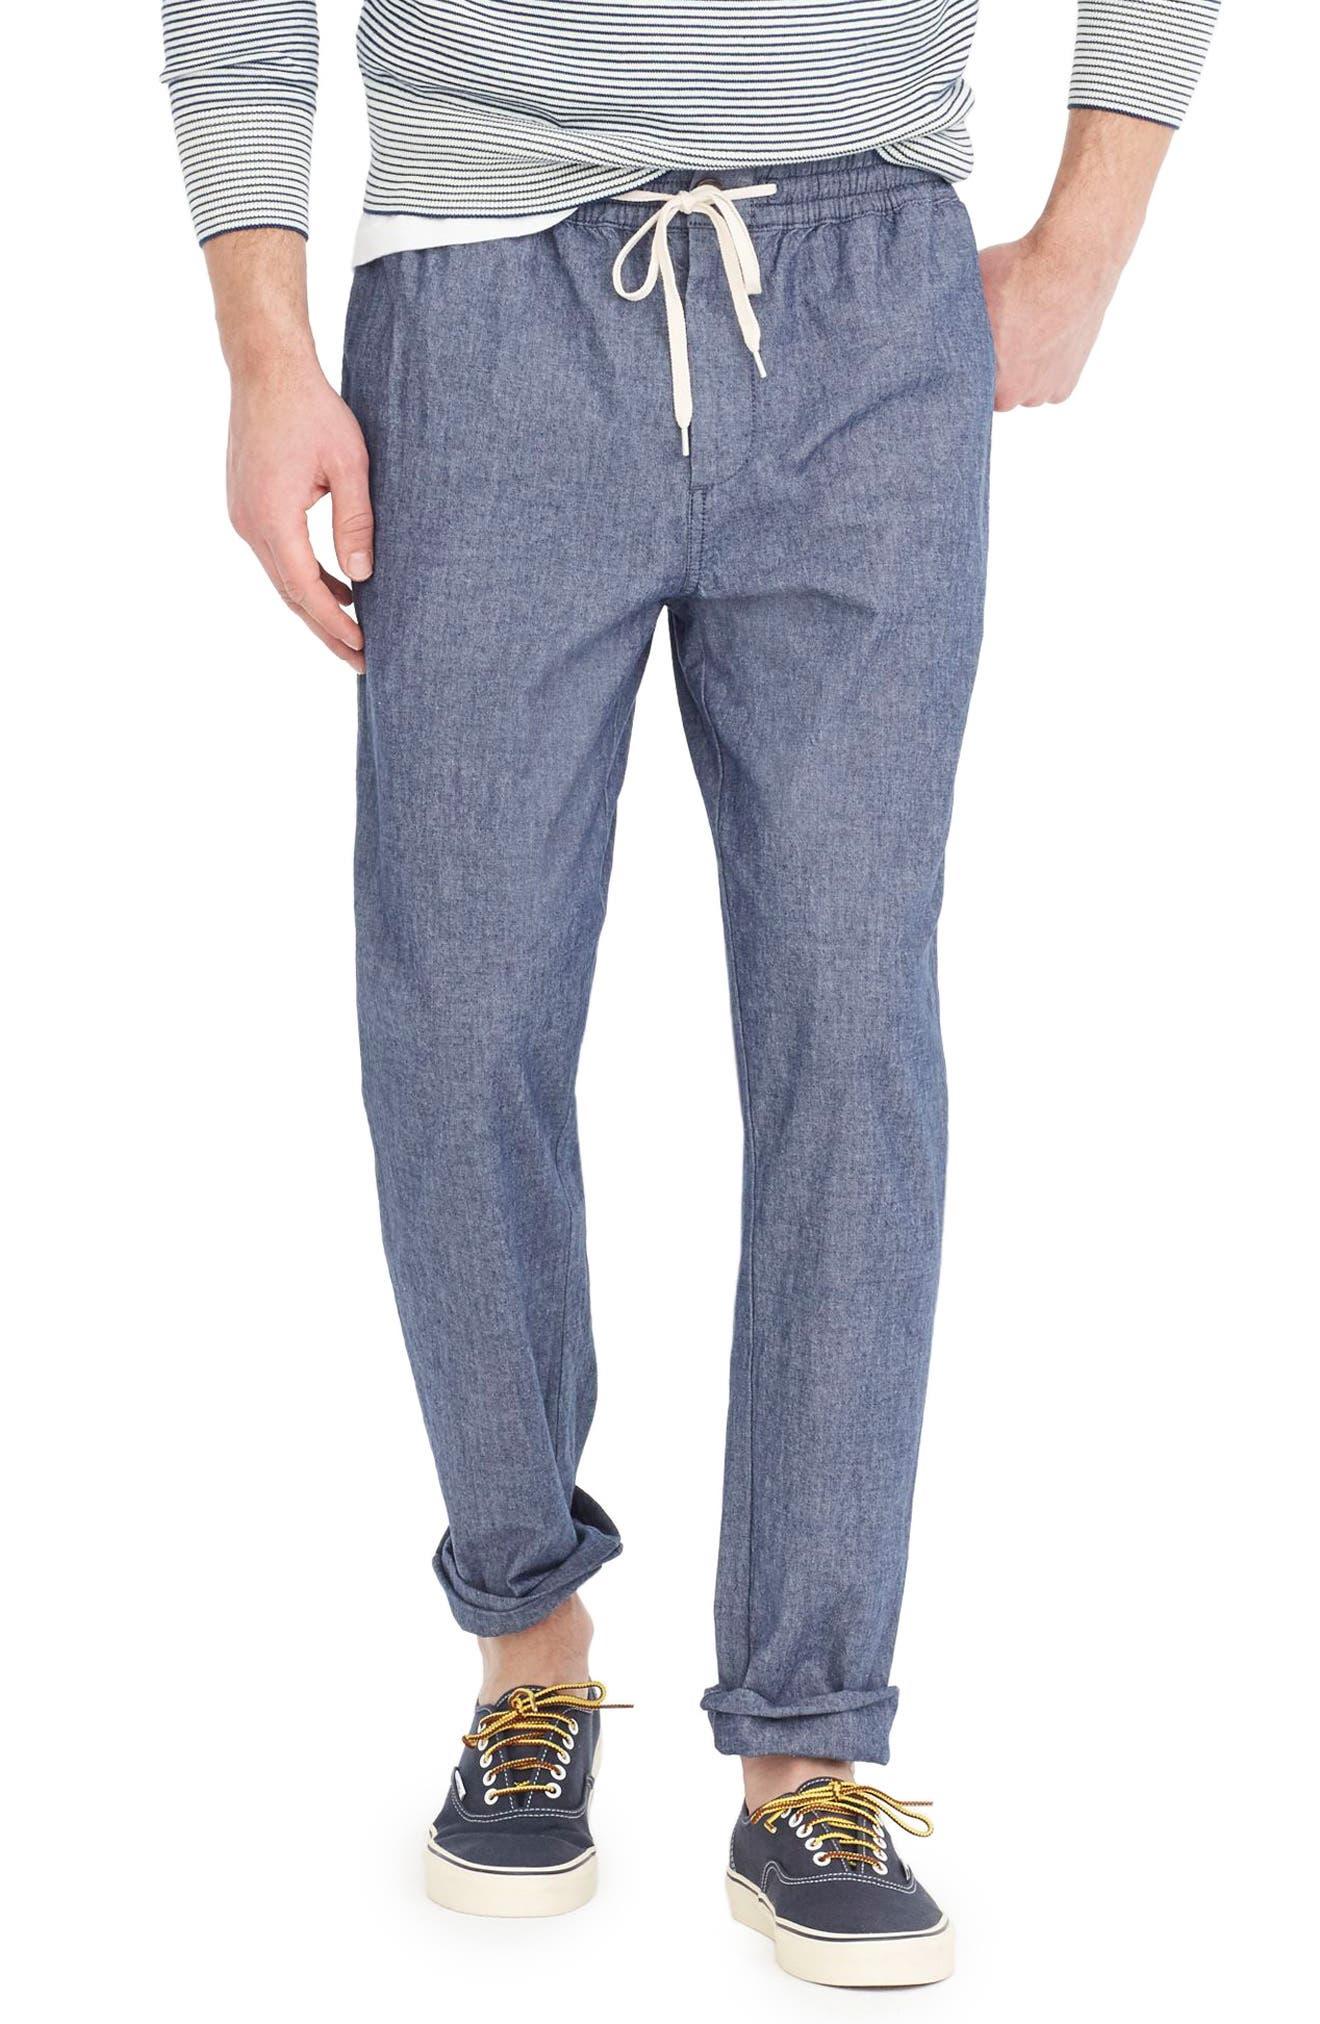 Chambray Drawstring Pants,                             Main thumbnail 1, color,                             Covington Blue